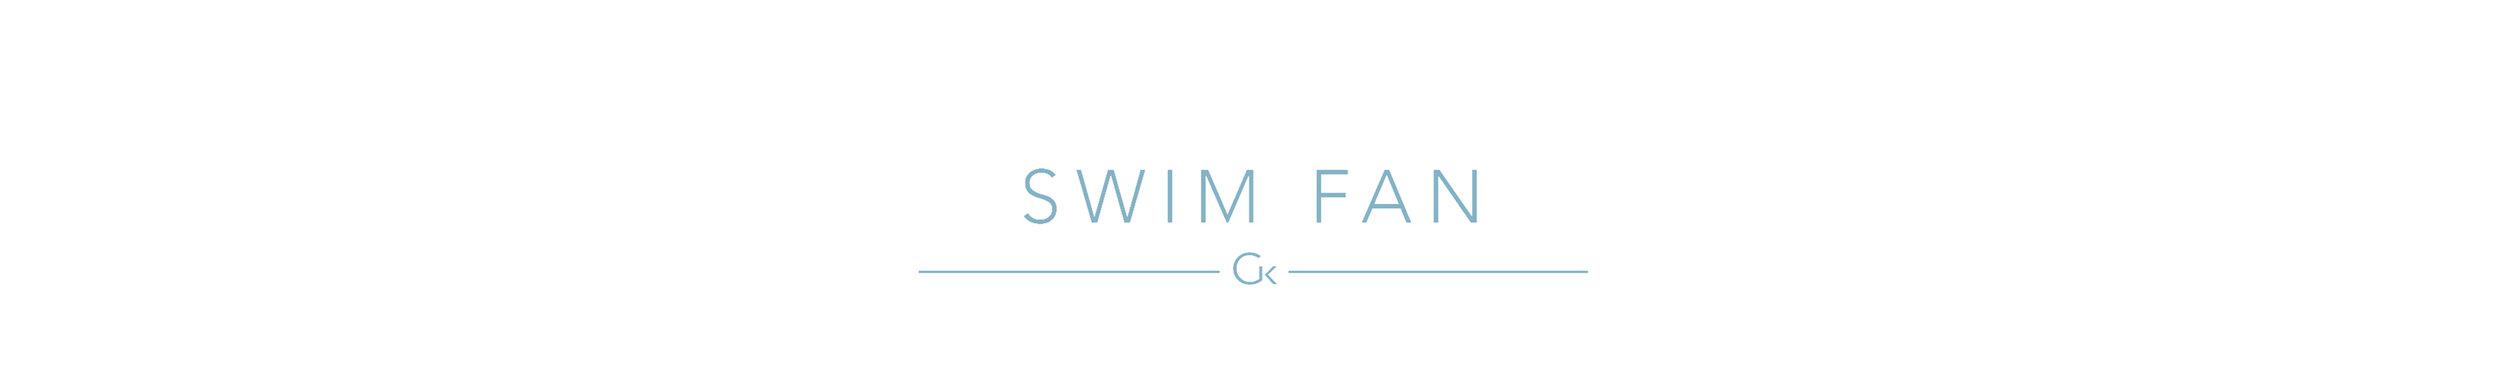 SWIMFAN.jpg